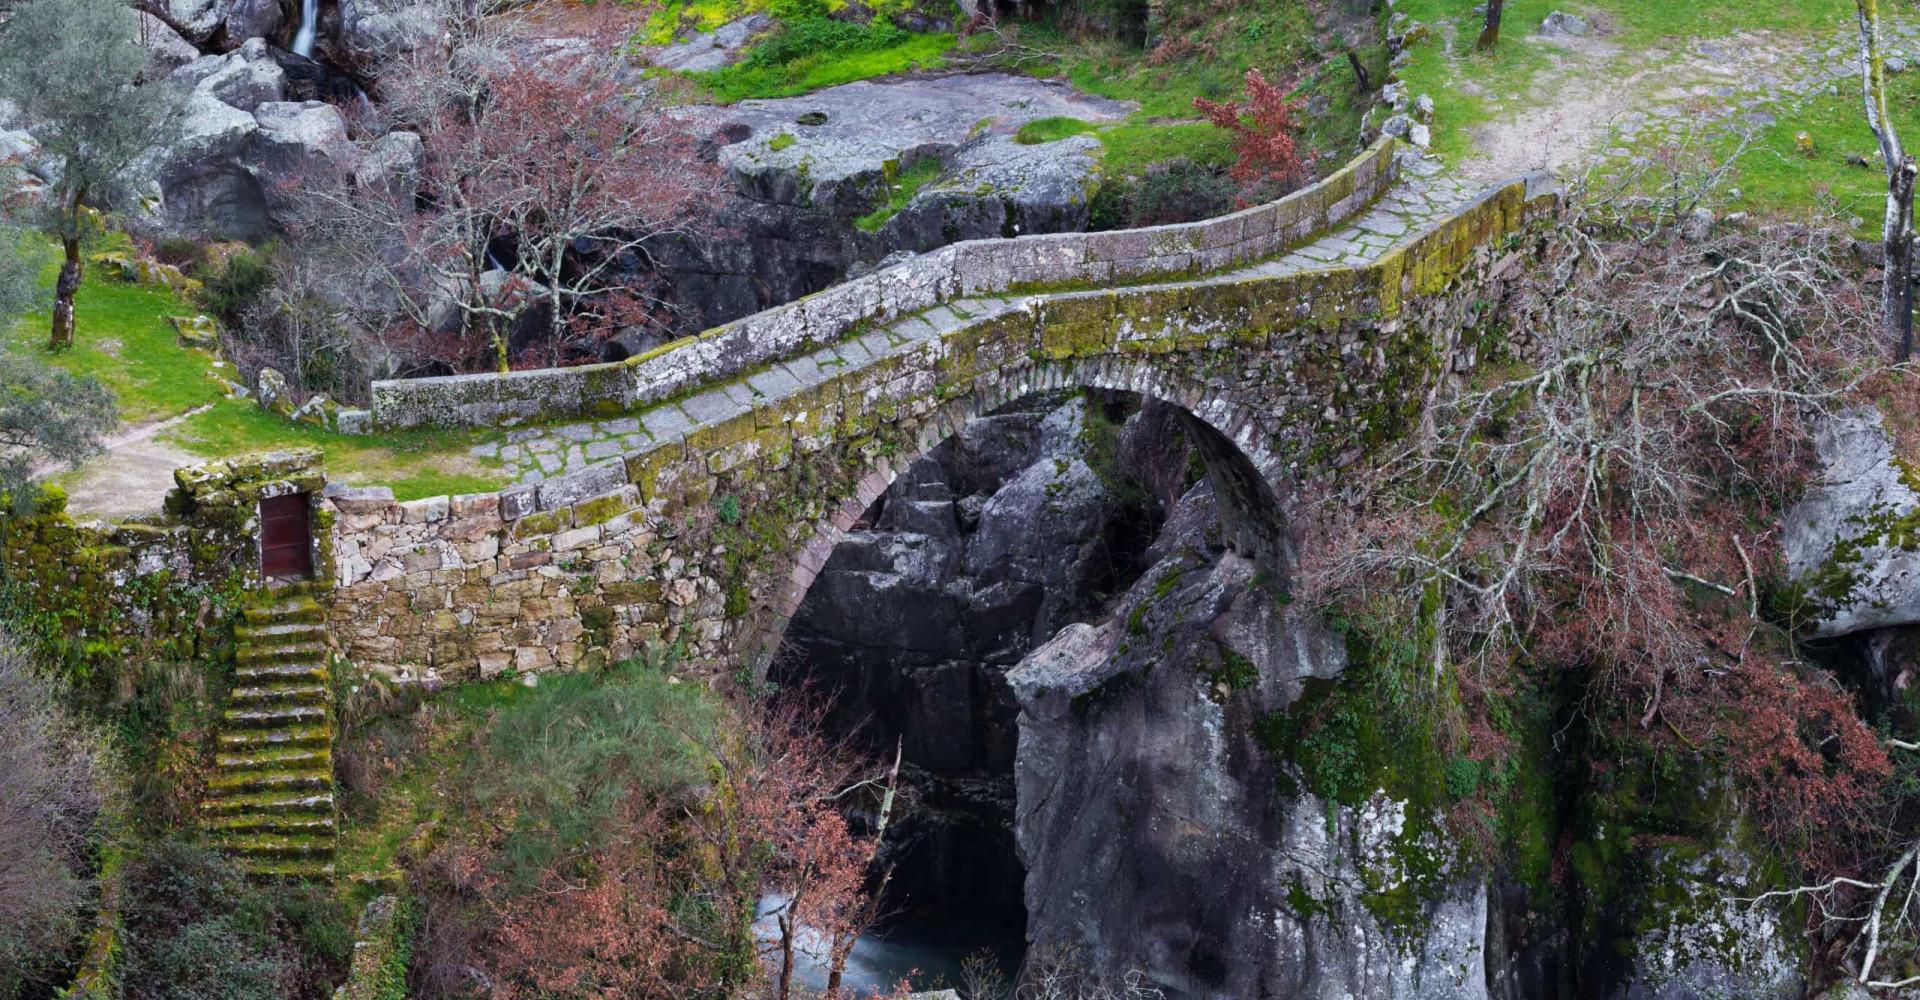 Tørr du å krysse djevelens bro?